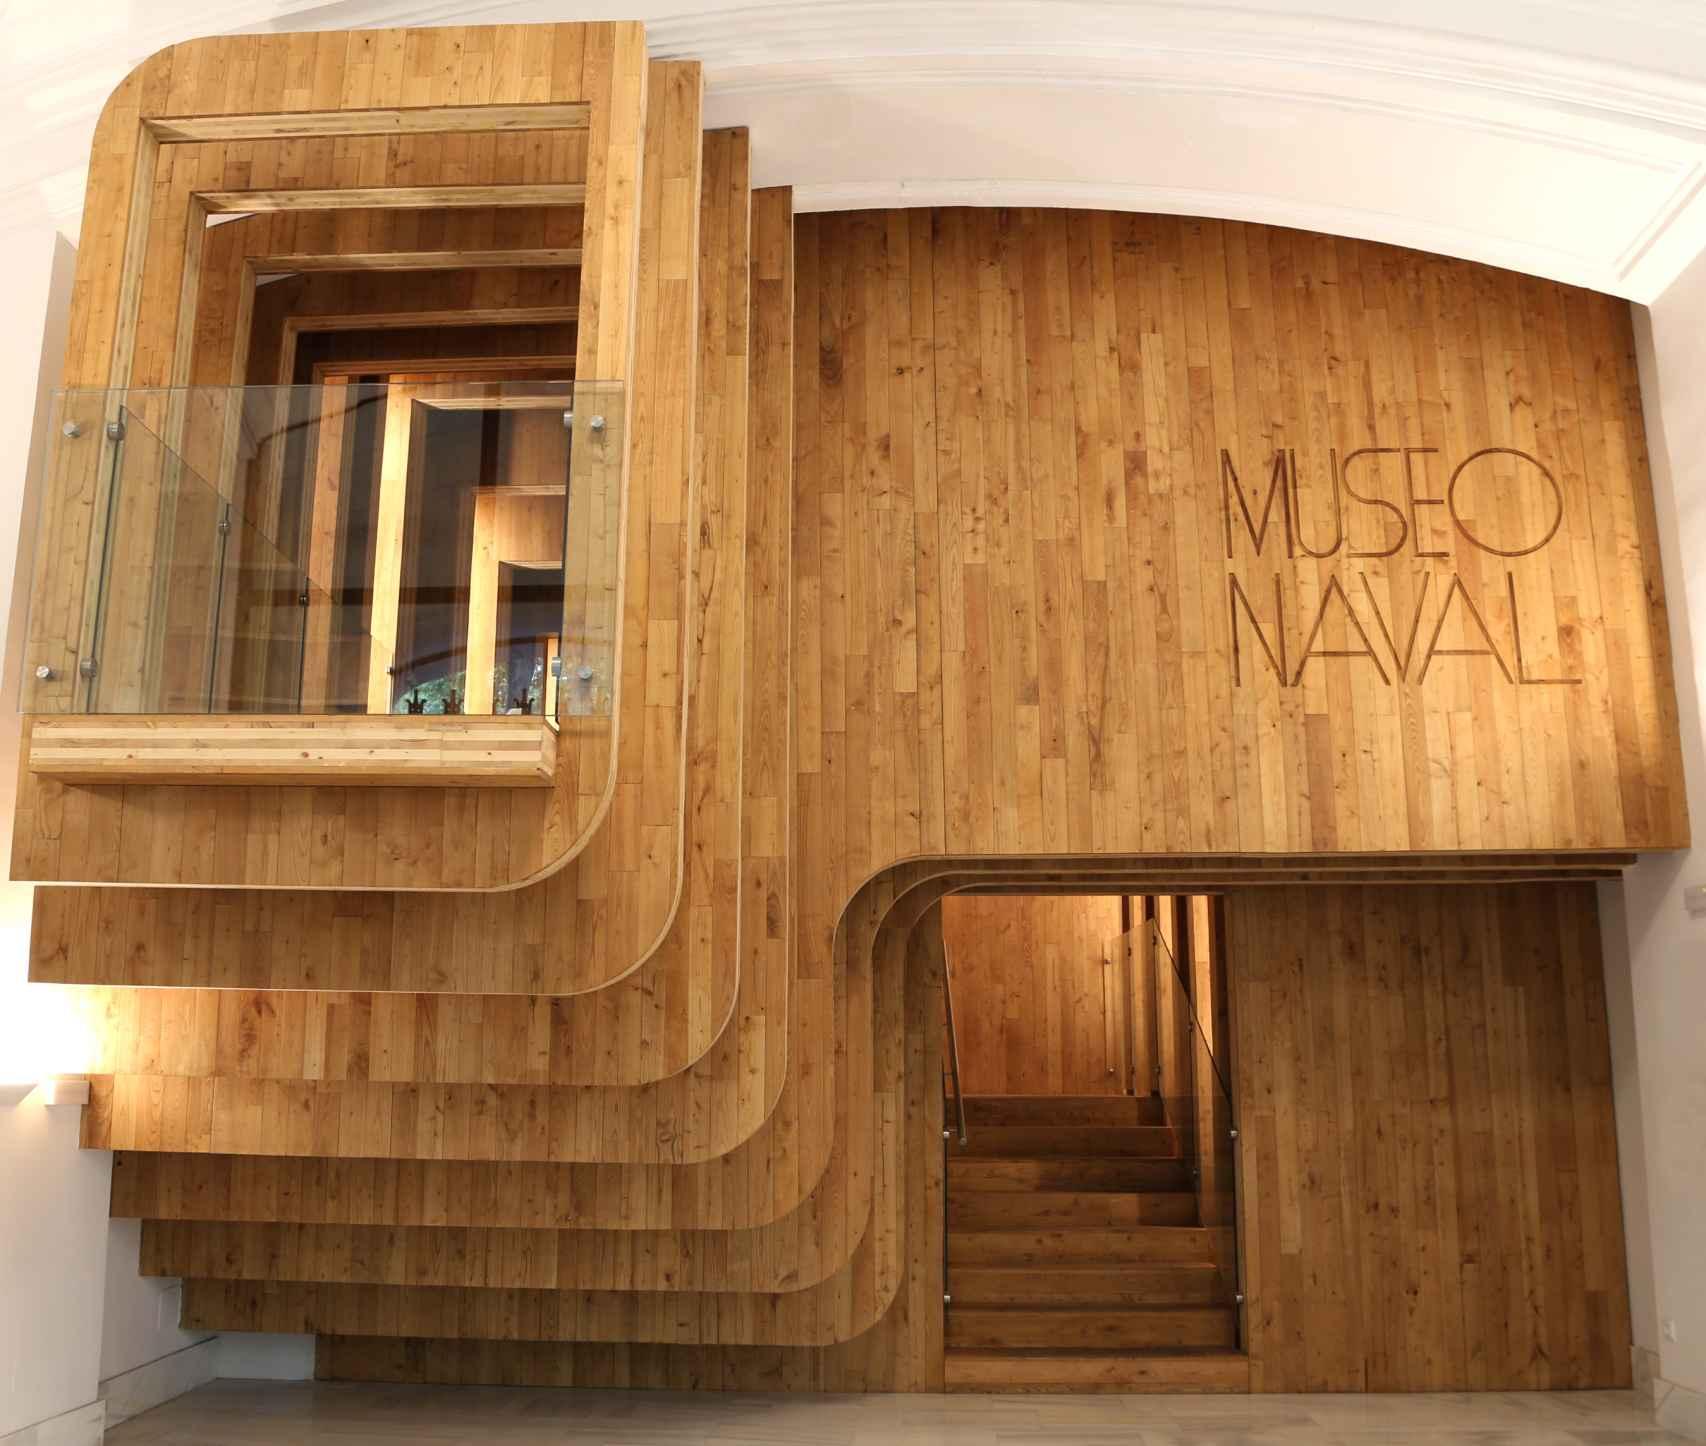 Nueva entrada del Museo Naval.